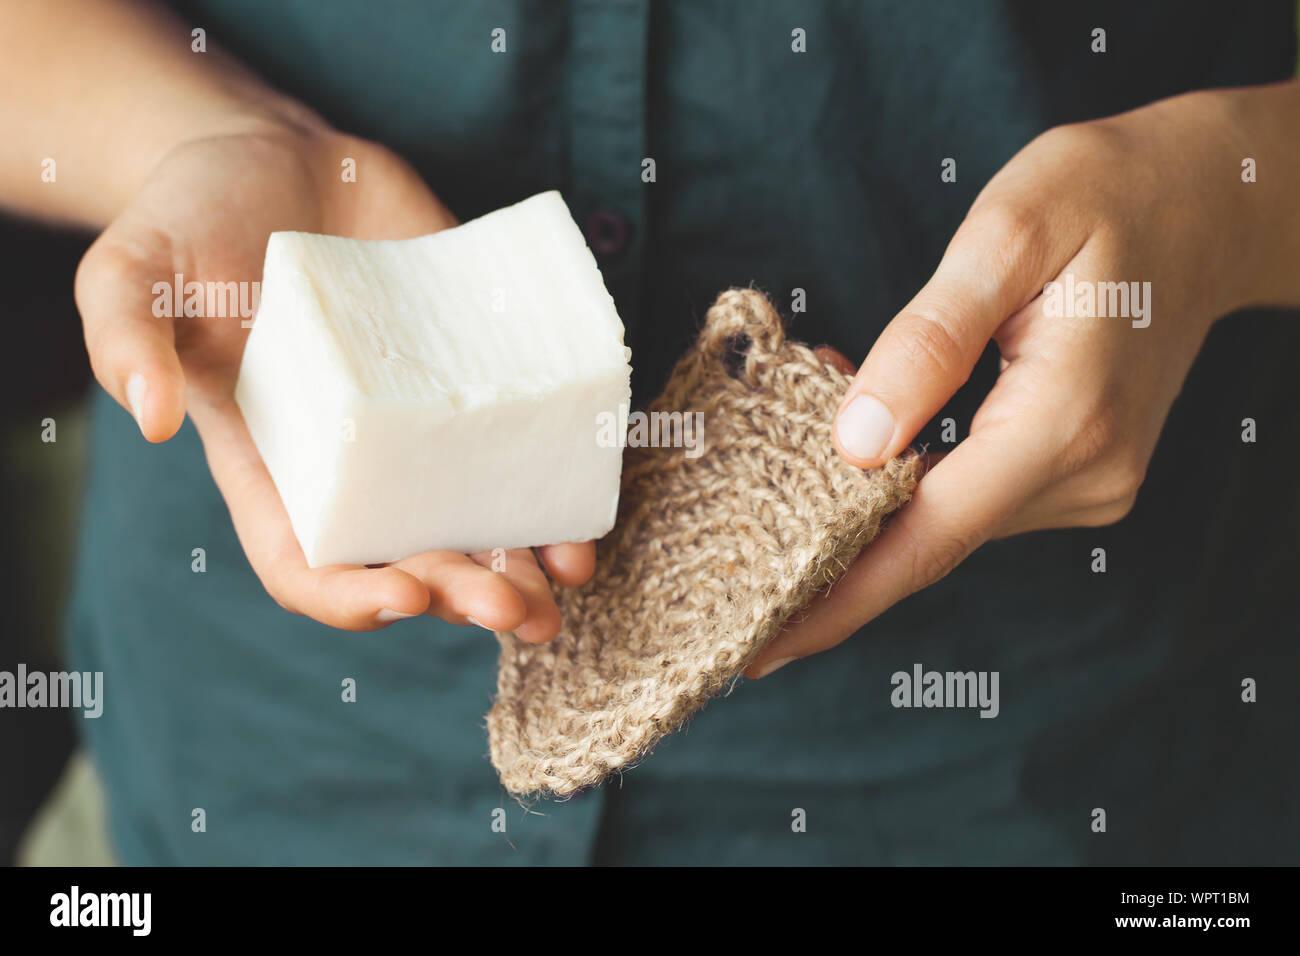 Kit de limpieza eco-amigables. Jabón orgánico y yute la toallita en la mano de la mujer. Concepto de Residuo Cero, libre de plástico, eco-amistoso, vegan Foto de stock